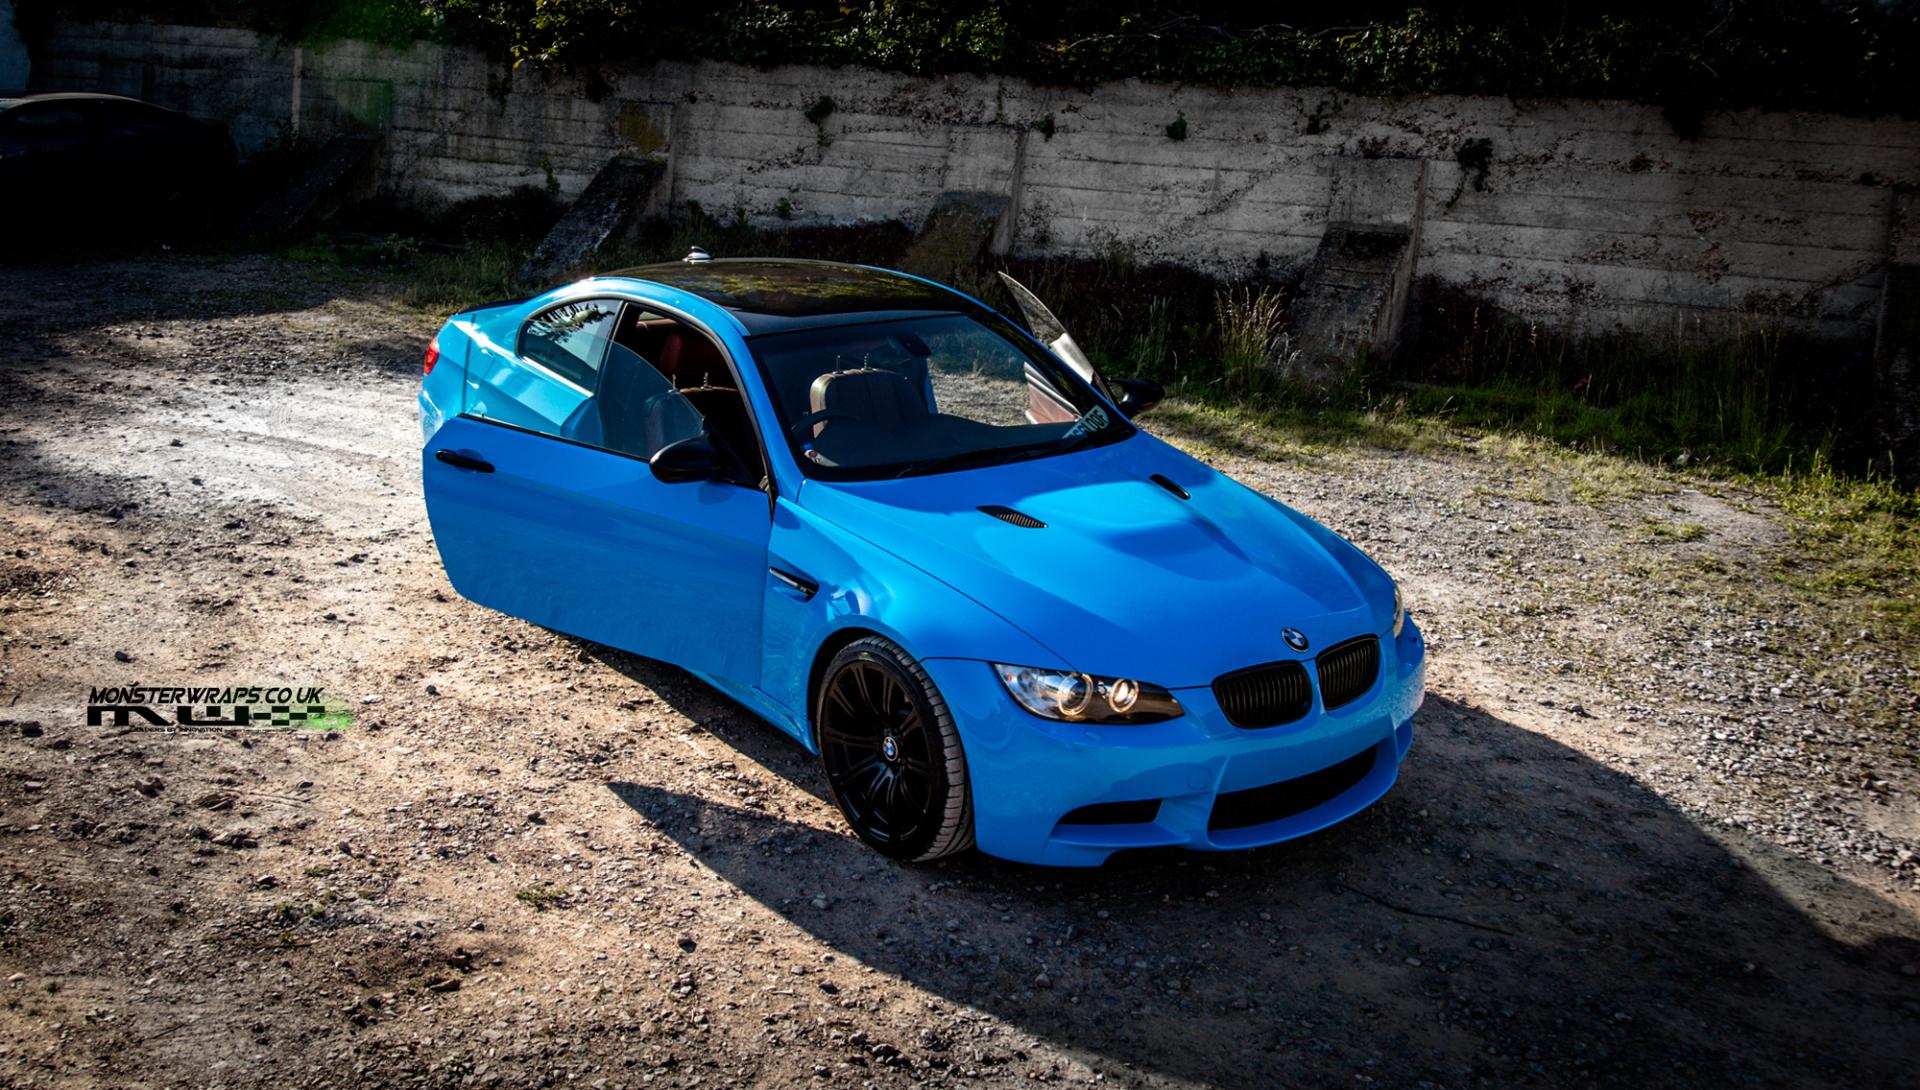 BMW M3 e92 Gloss sky blue wrap car wrap southampton 3M Monsterwraps